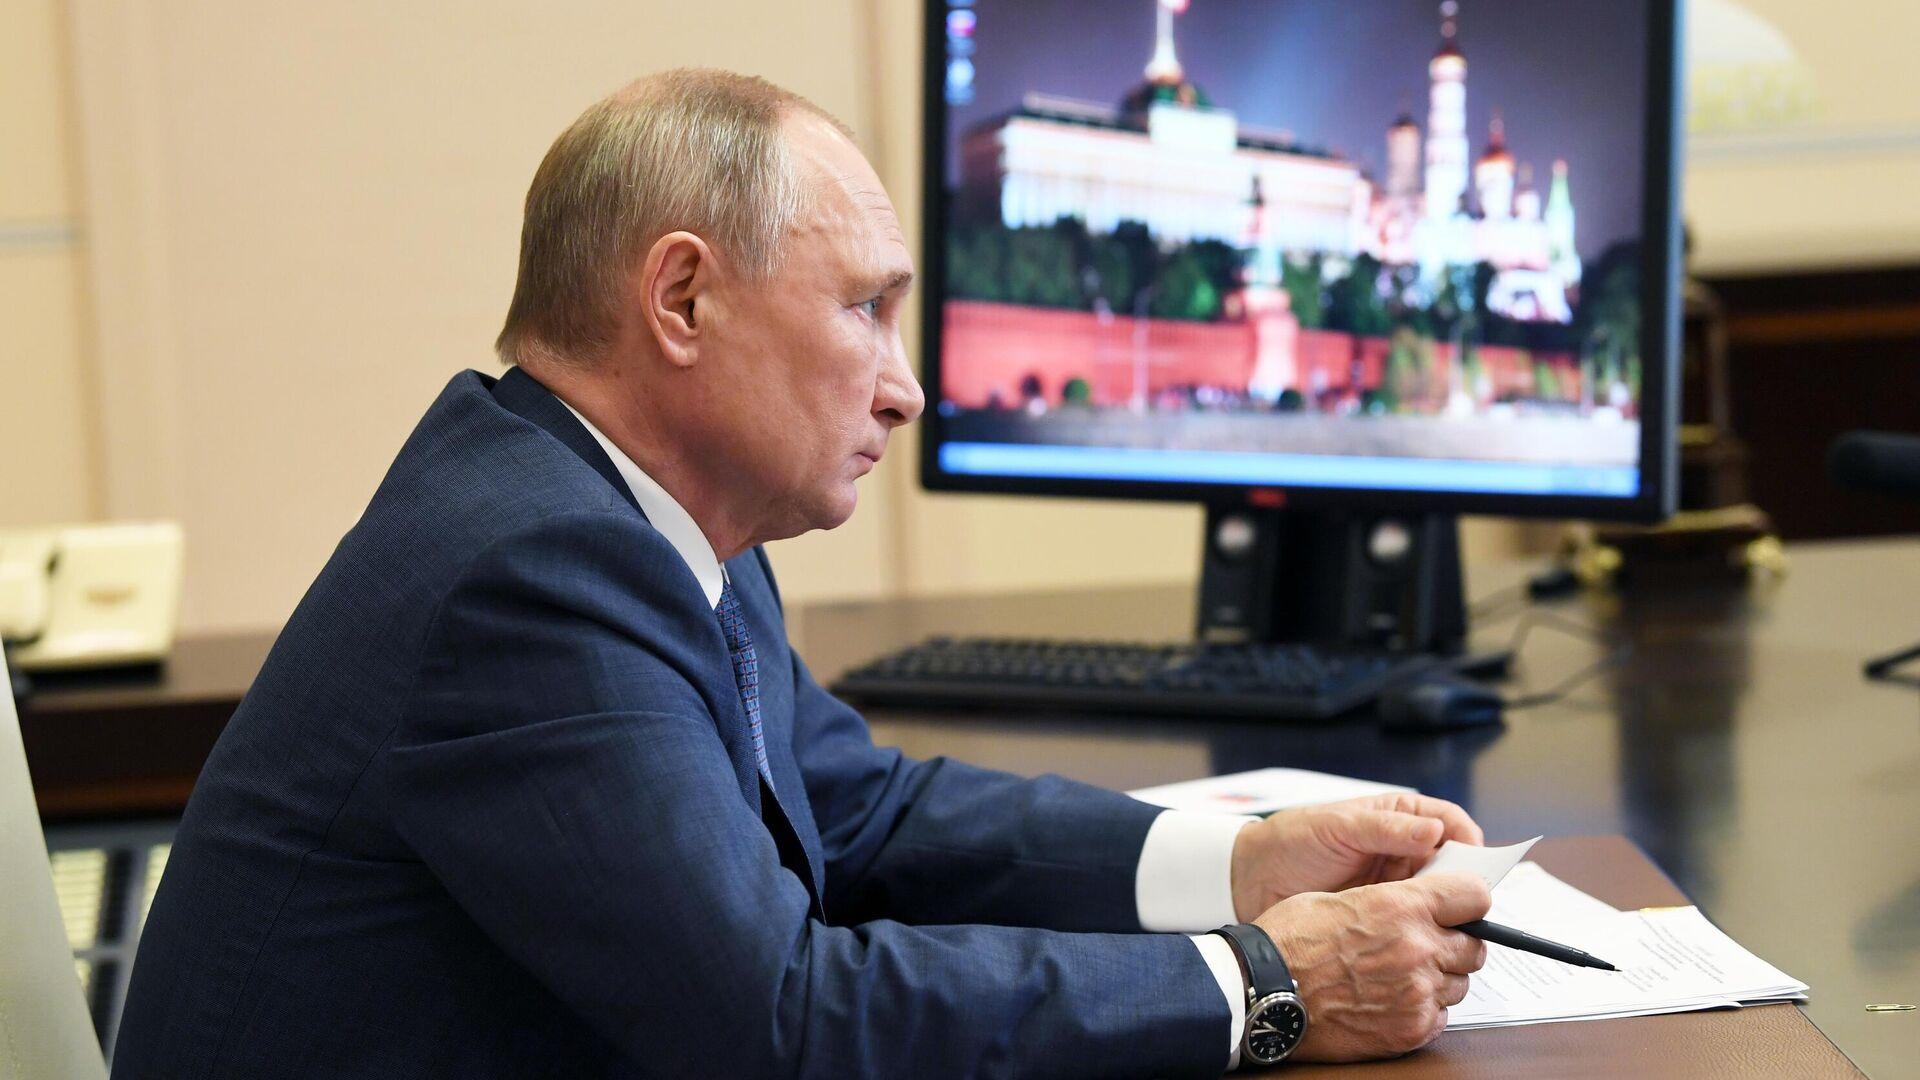 Путин проведет встречу с губернатором Тульской области по видеосвязи